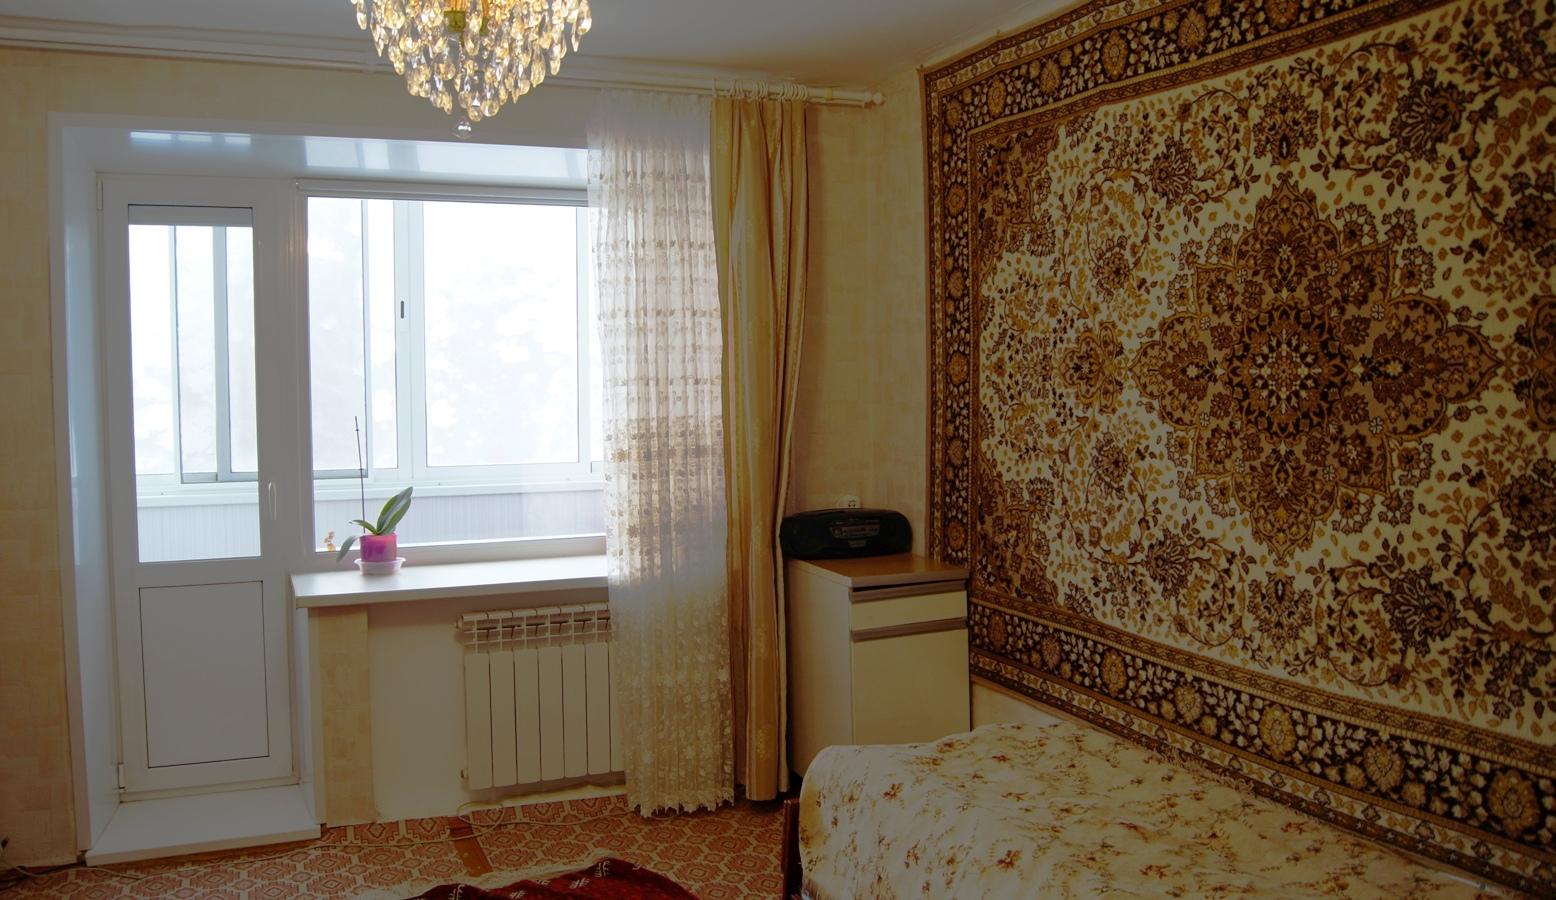 Квартира на продажу по адресу Россия, Томская область, городской округ Томск, Томск, улица Усова, 52